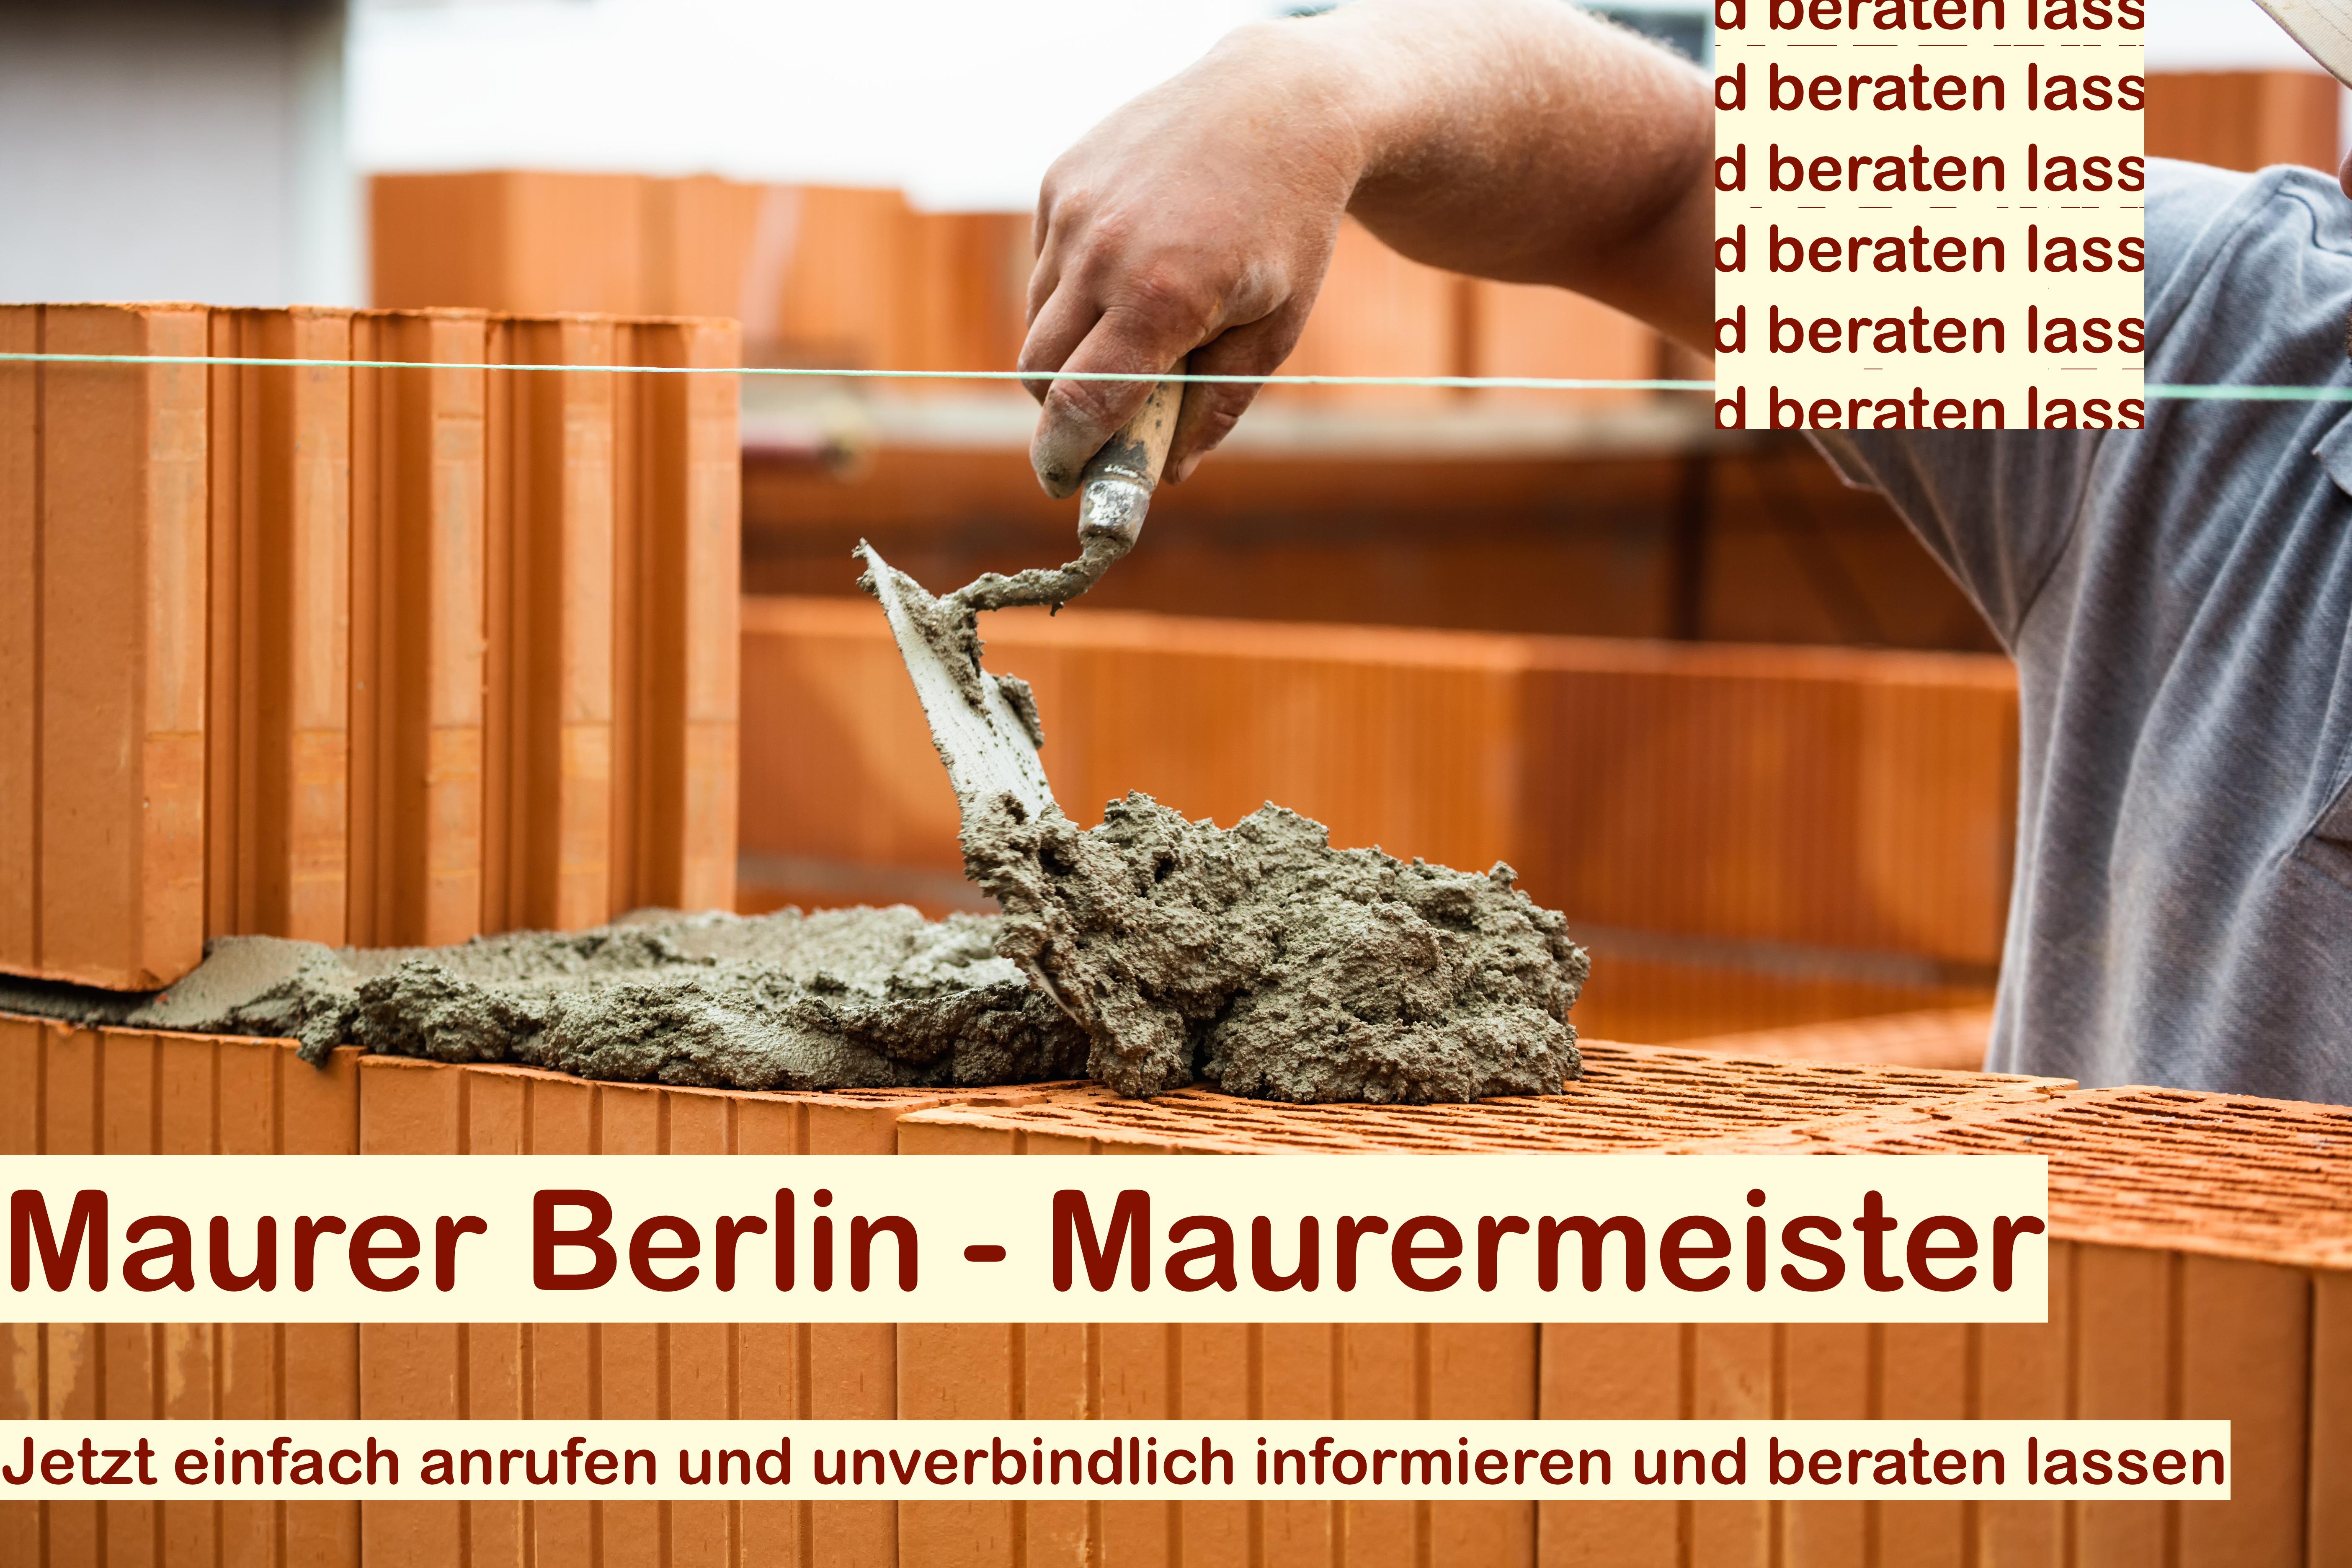 Suche Maurer Berlin  Maurermeister